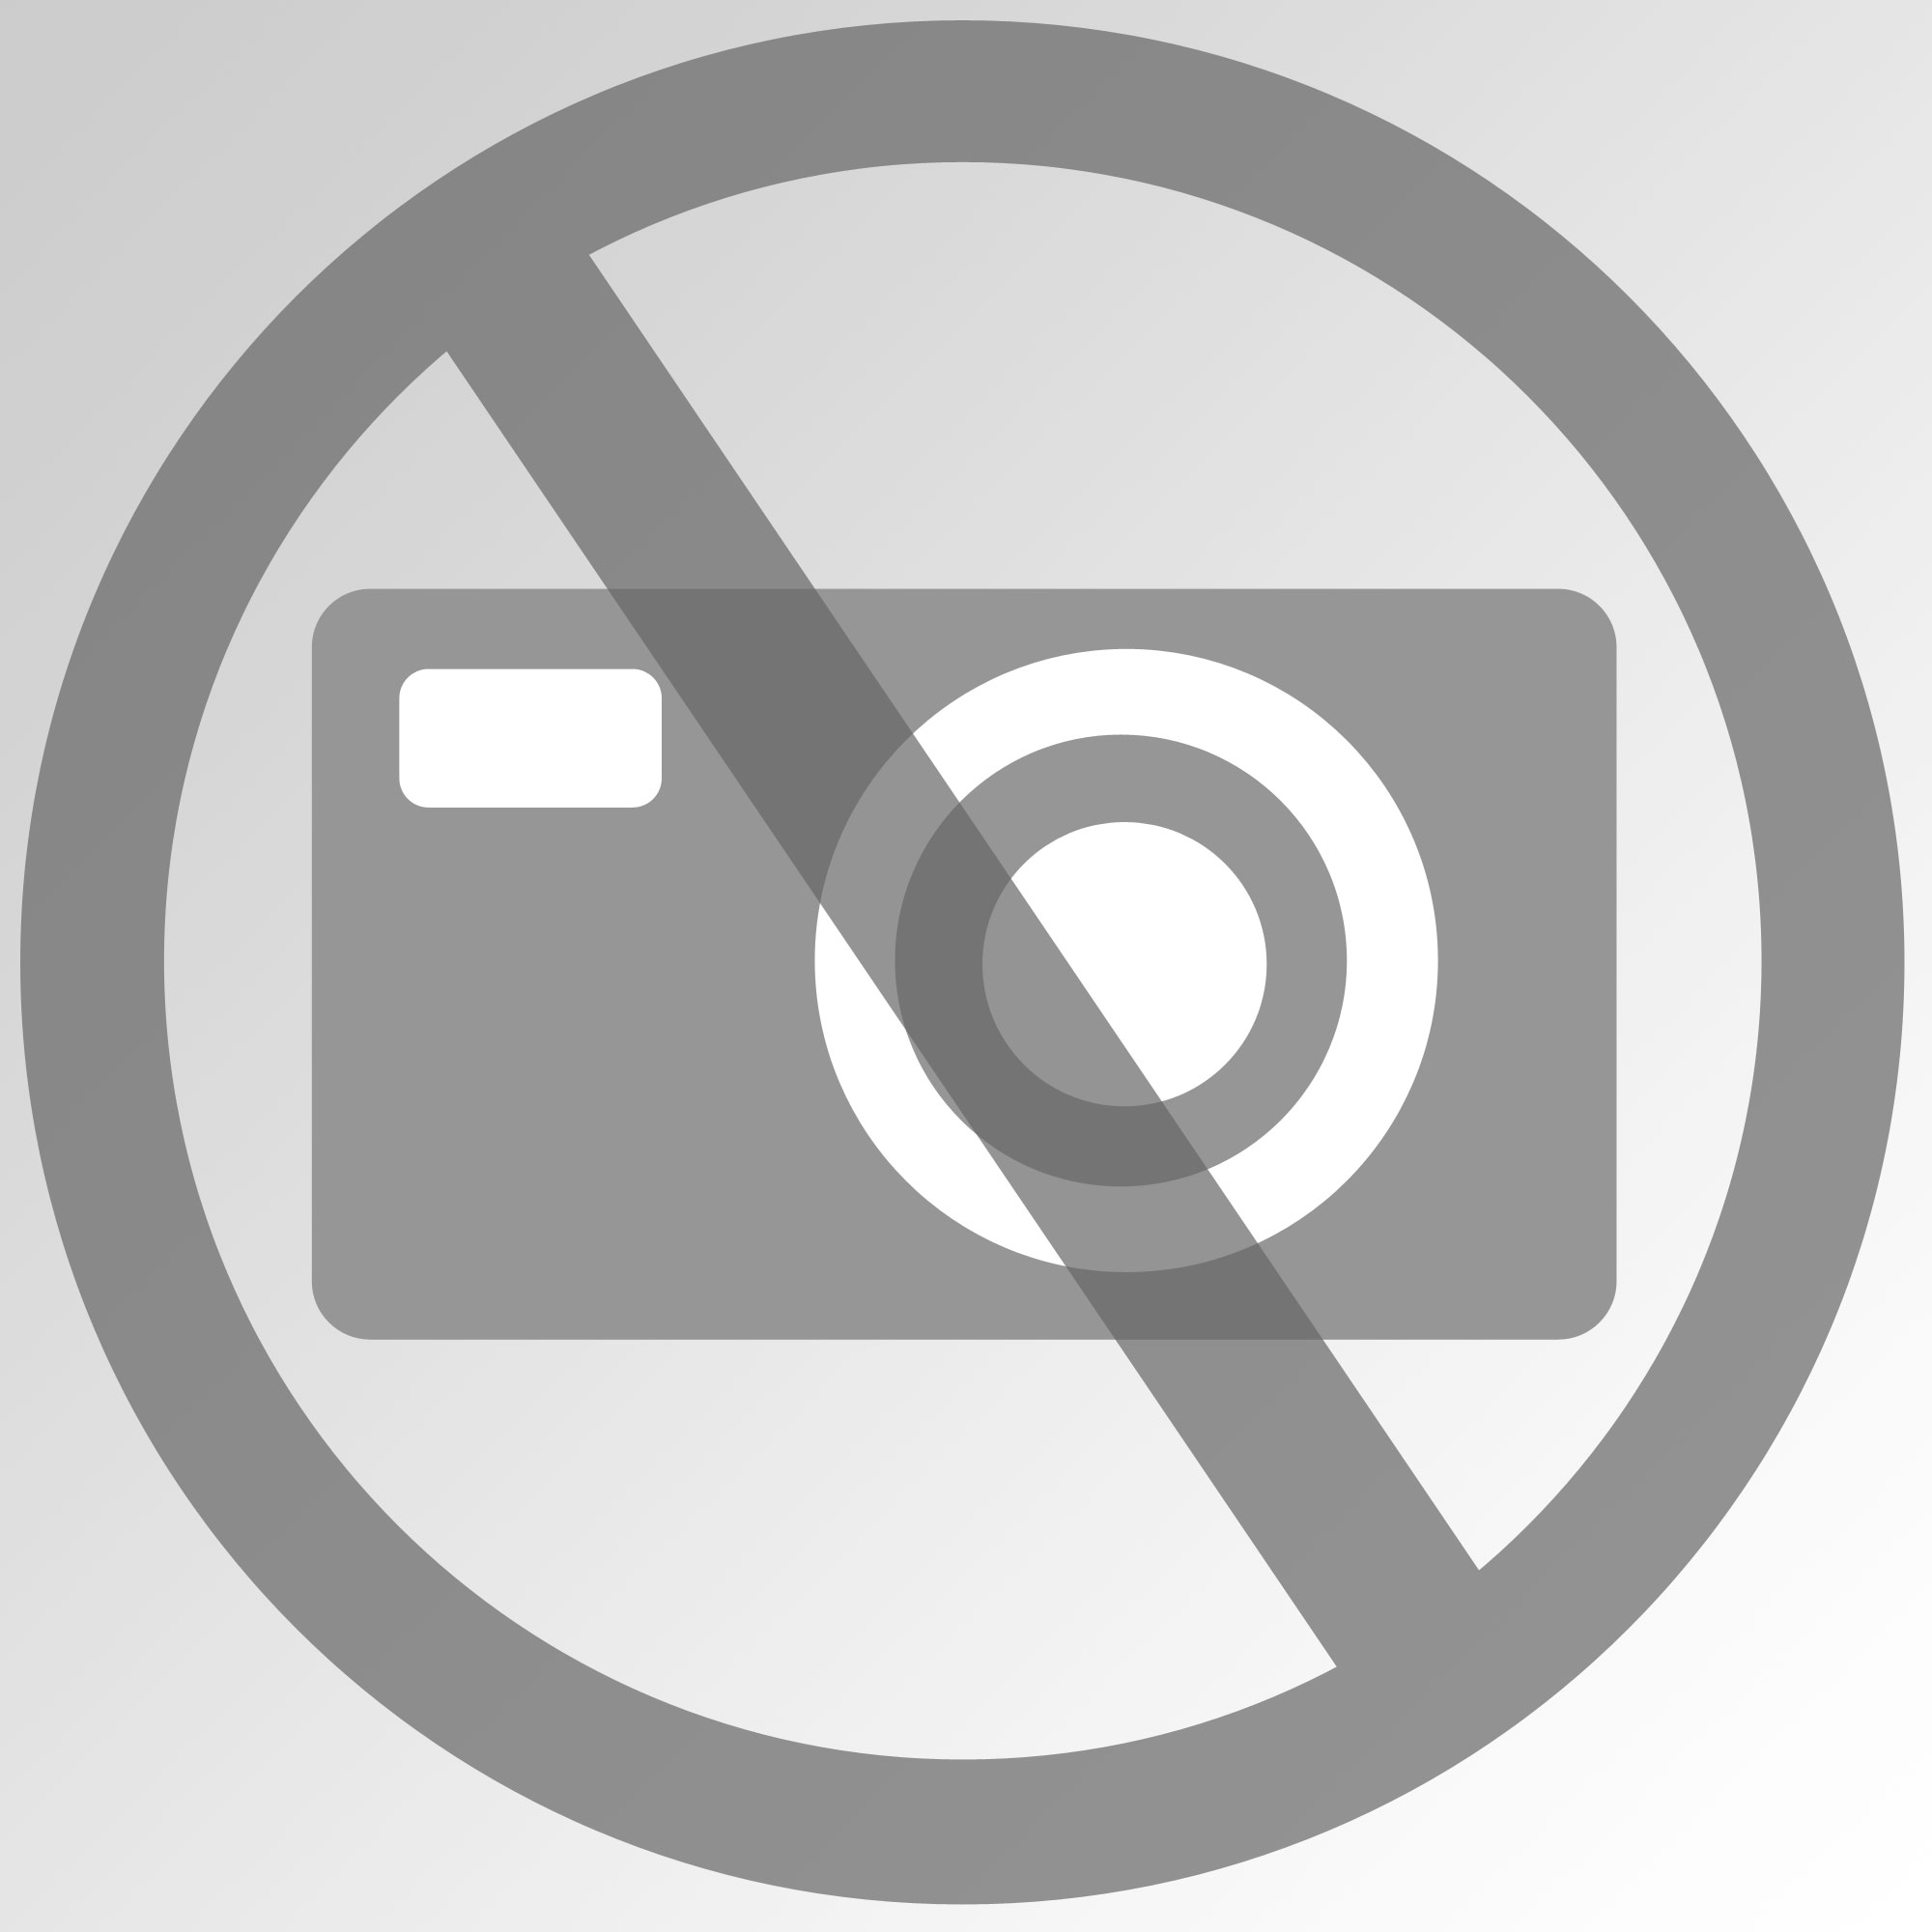 Kleen Purgatis Purina 1 Ltr. Küchenreiniger - gebrauchsfertig